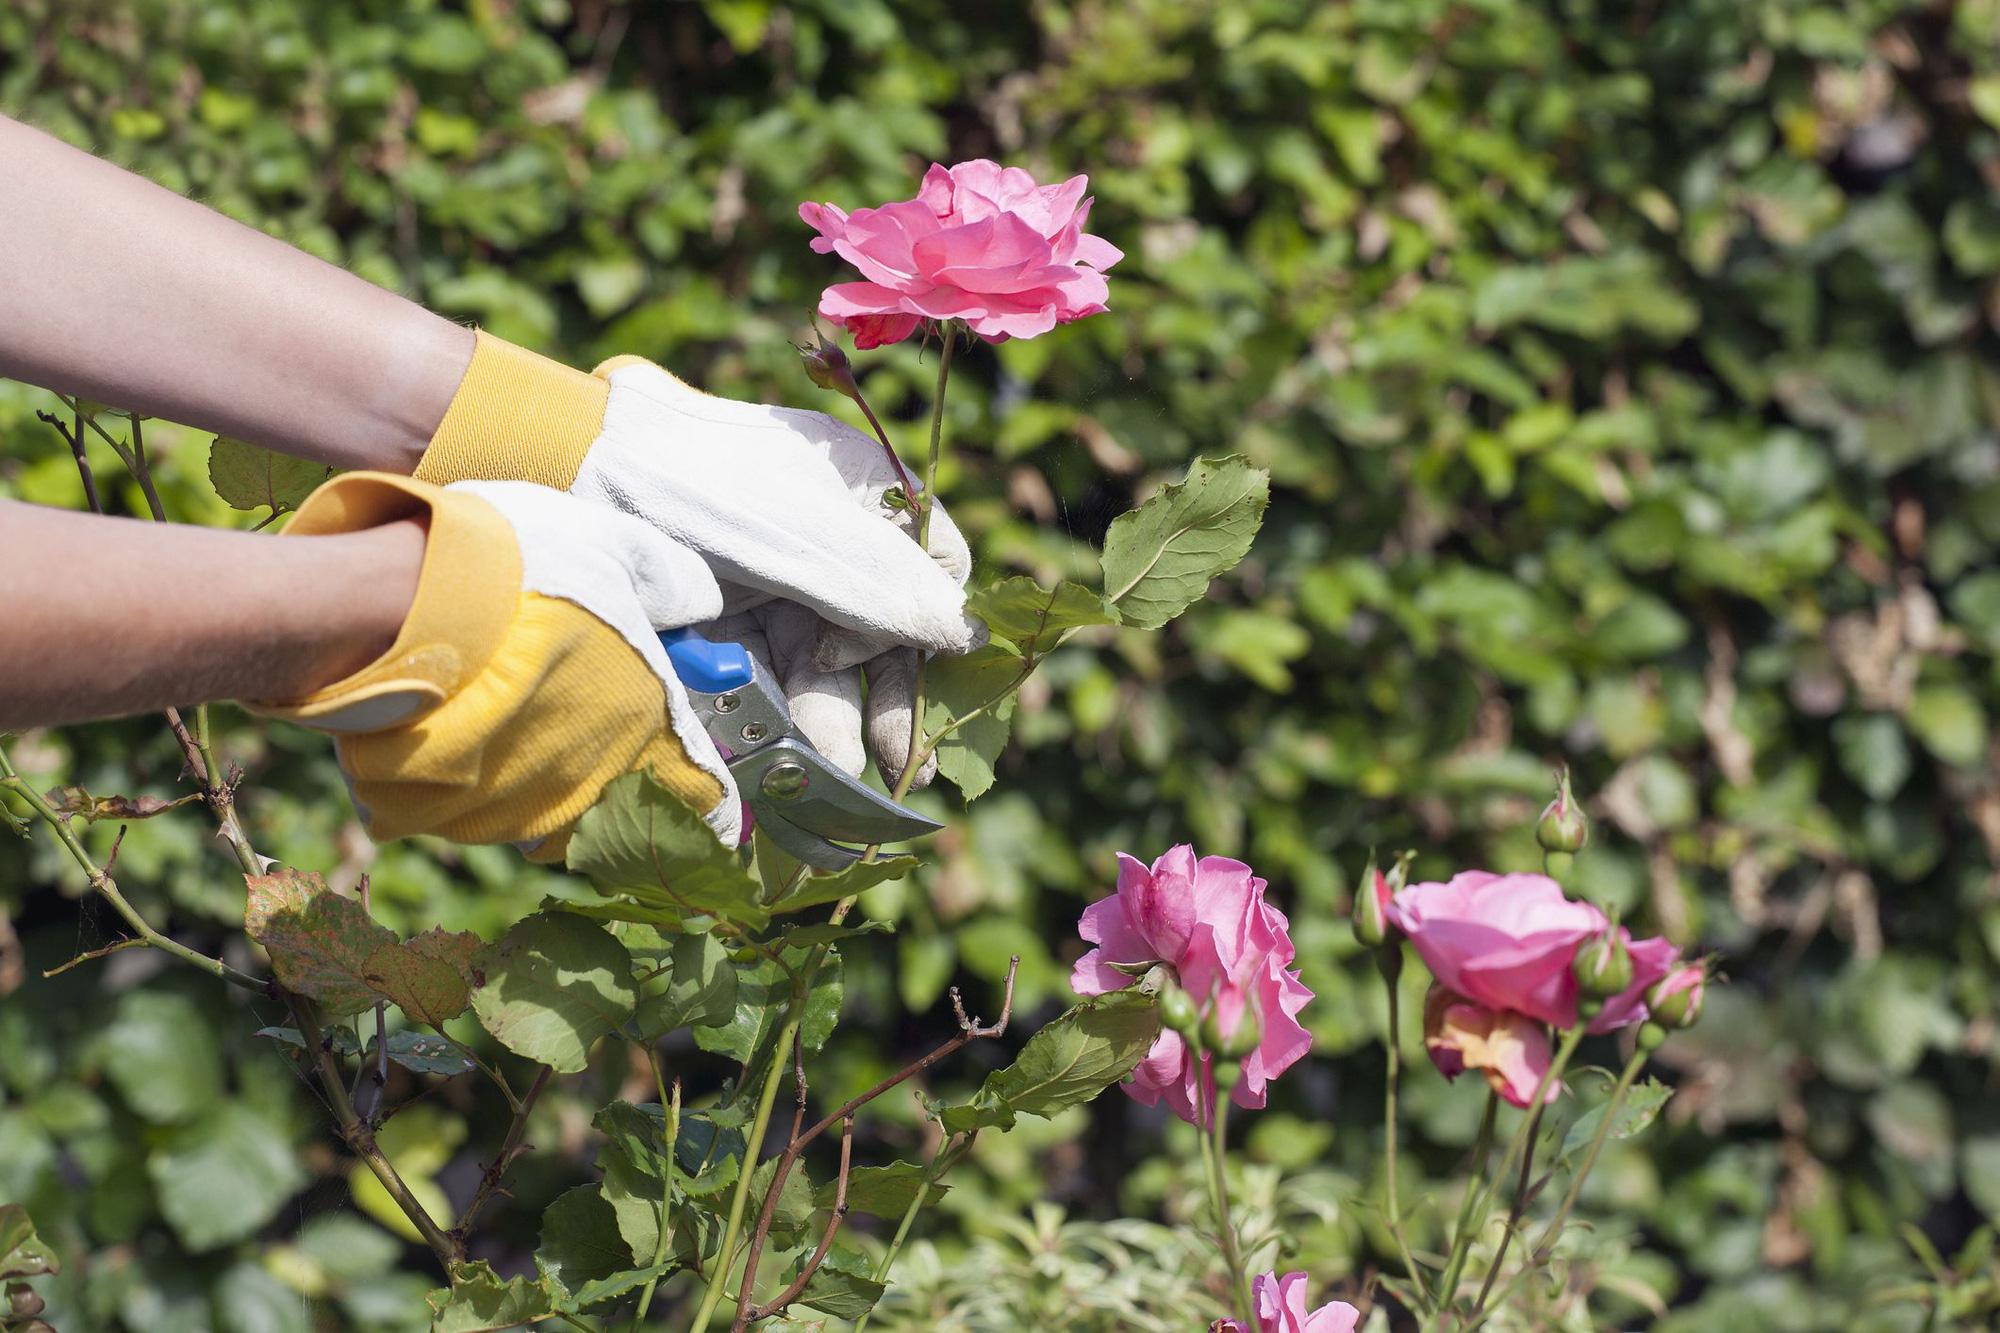 Các bước trồng hồng vô cùng đơn giản từ cành giâm ai đọc xong cũng thử nghiệm thành công - Ảnh 1.